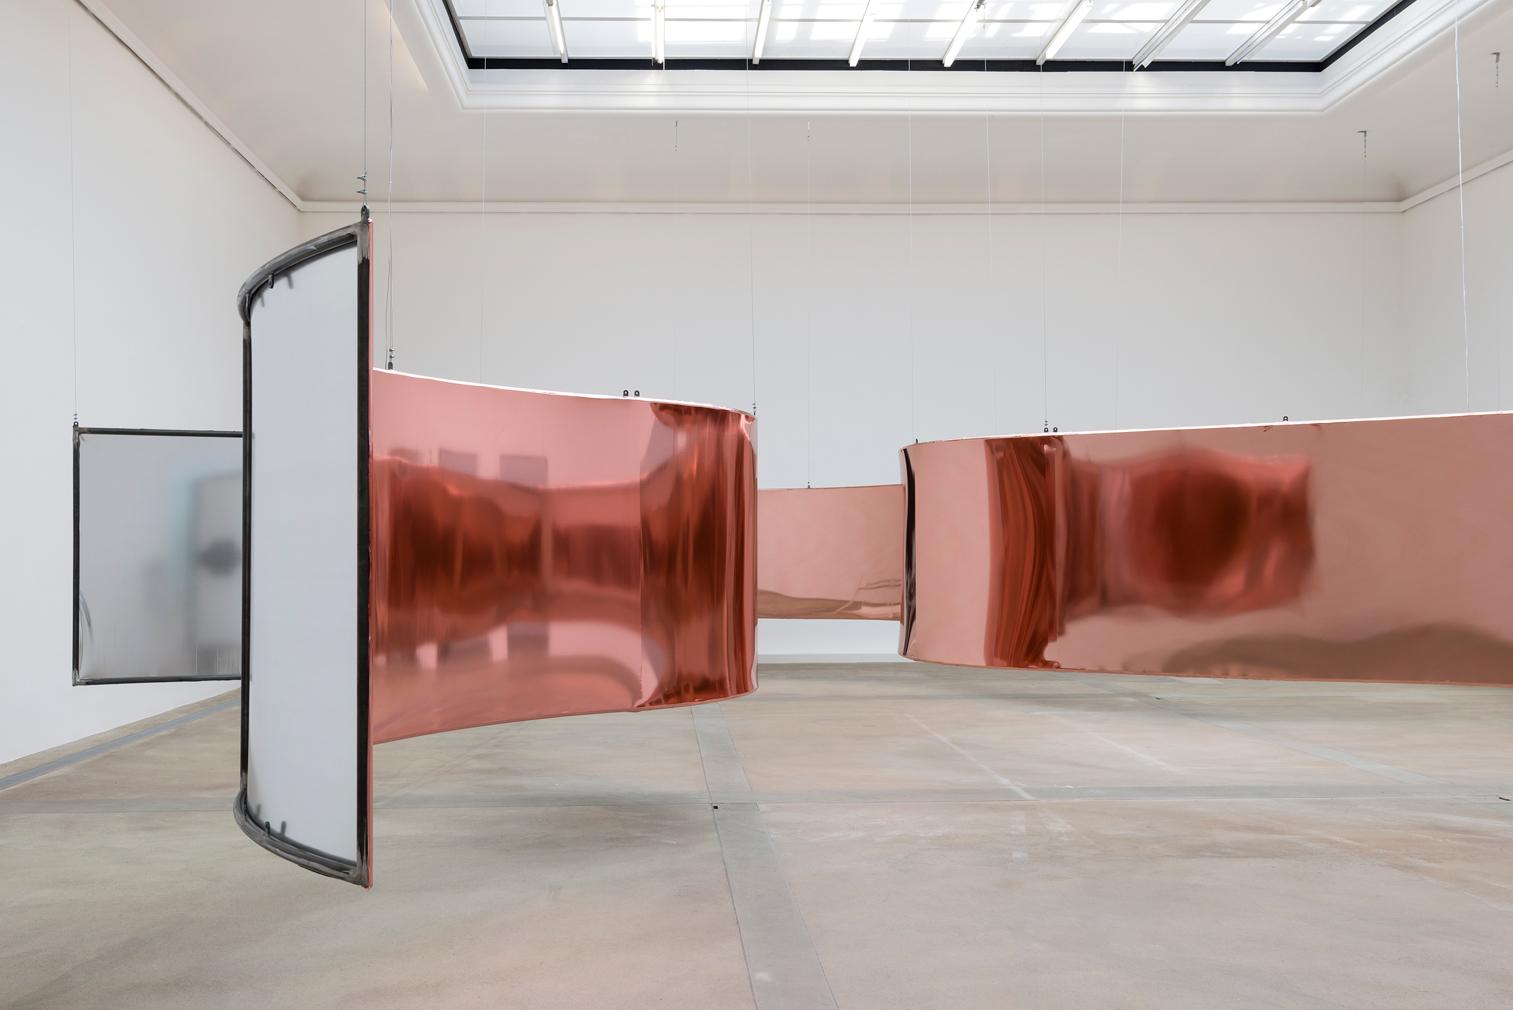 Hannah Perry, 'Rage Fluids' (Künstlerhaus, Halle für Kunst & Medien, Graz, 2018) (c) Markus Krottendorfer